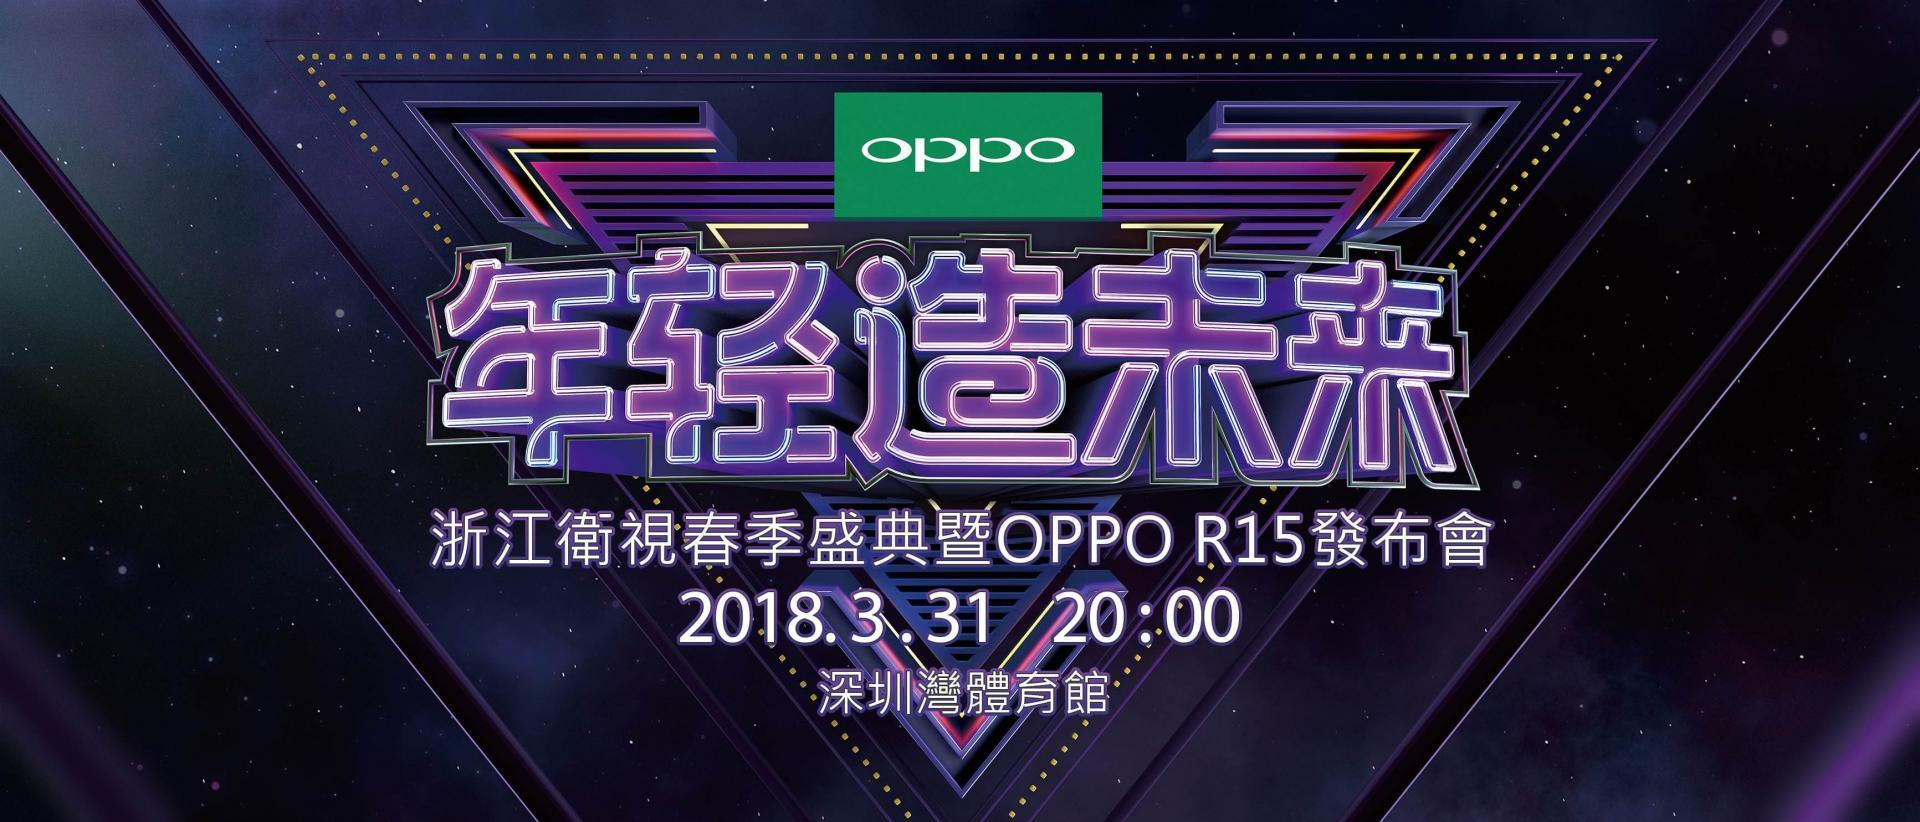 OPPO R15發表盛典將至,邀請中國大陸粉絲一同迎接4月1日正式開賣